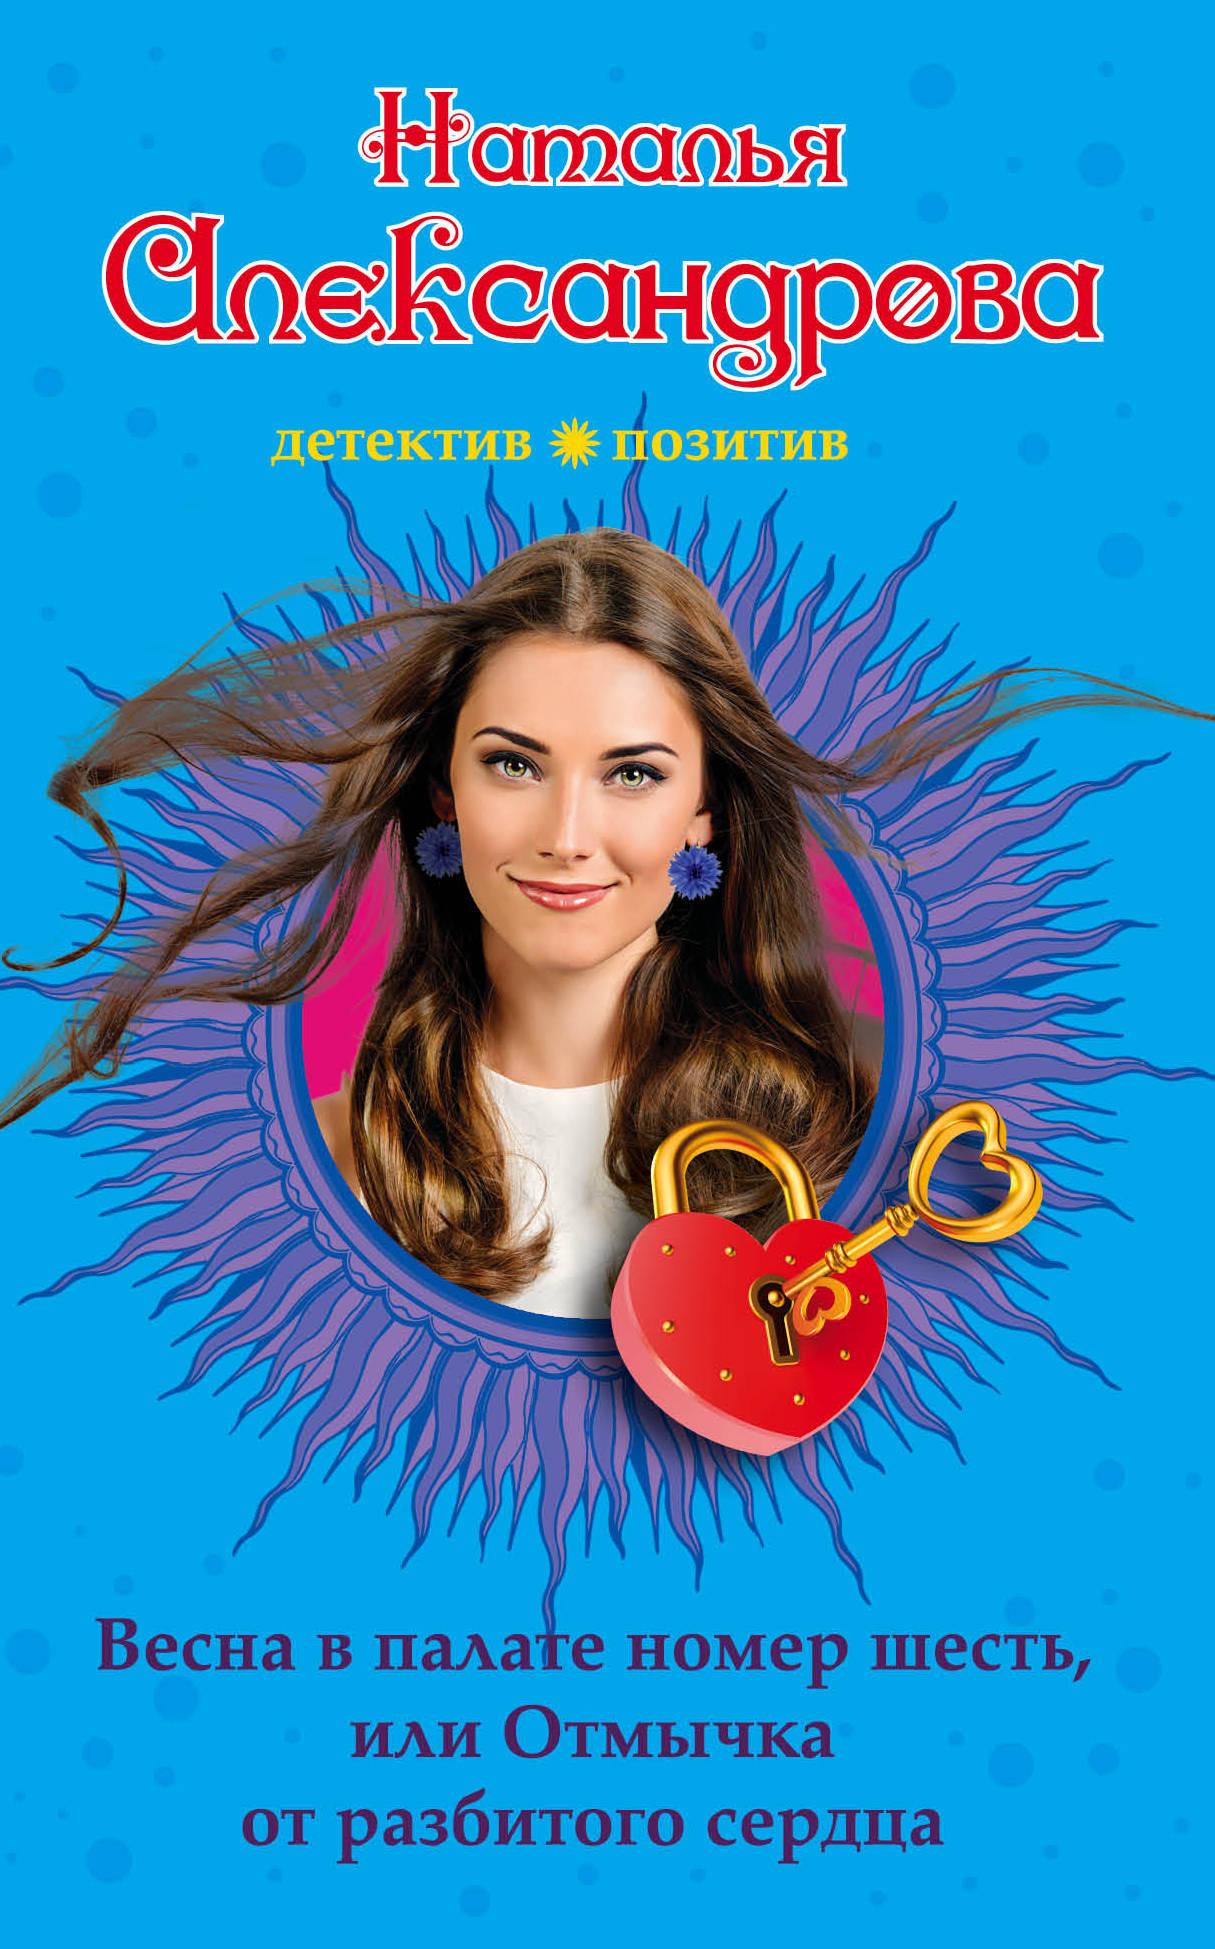 Наталья Александрова Весна в палате номер шесть, или Отмычка от разбитого сердца как номер для аськи